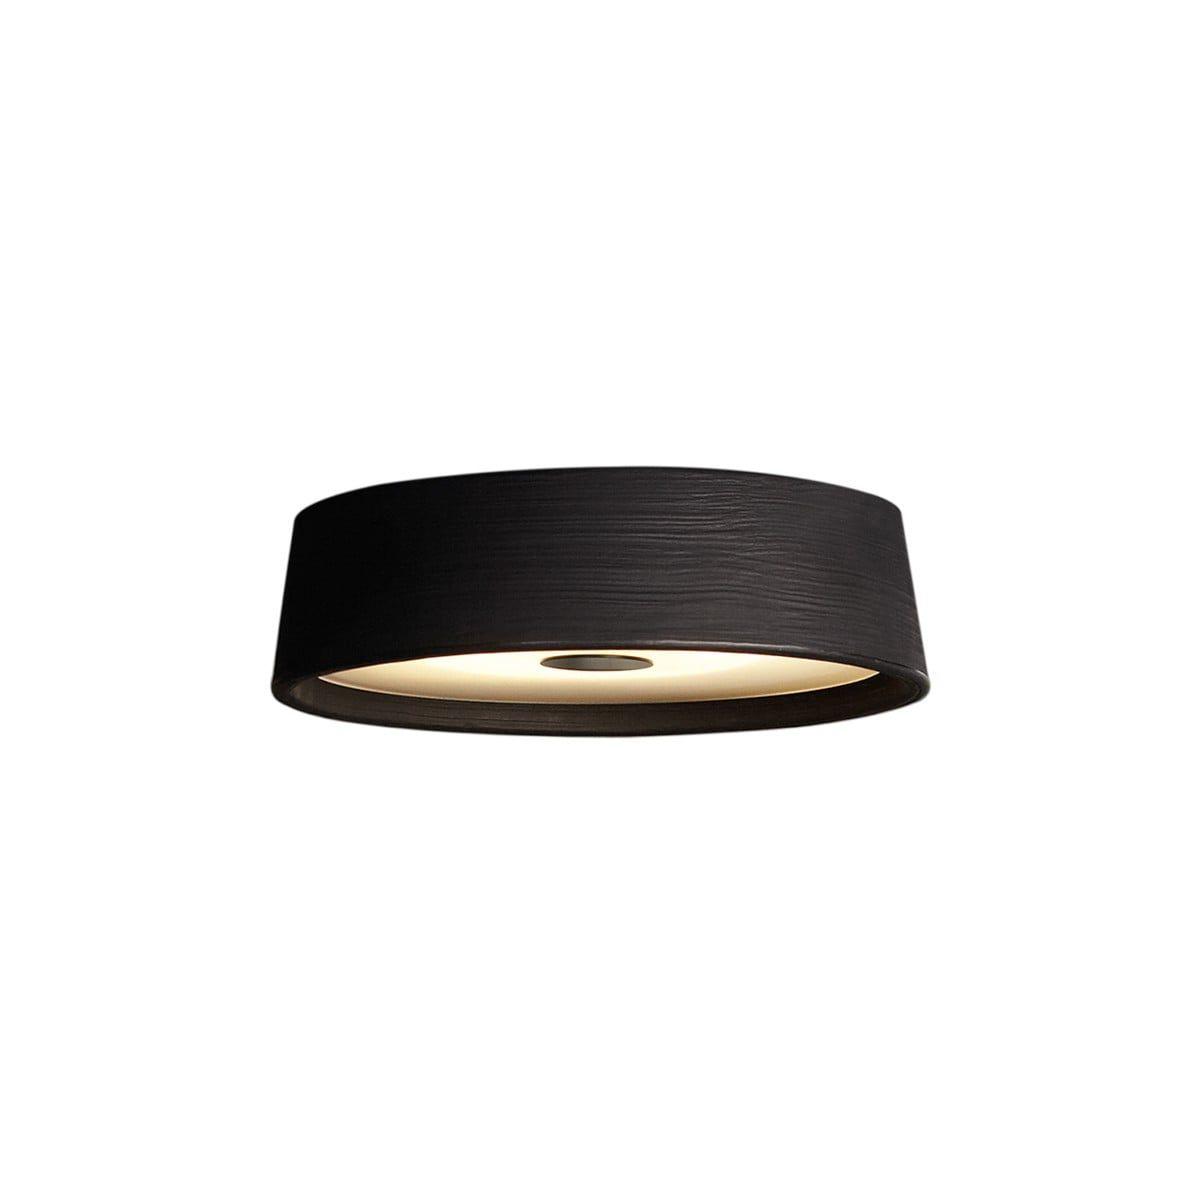 Indirekte Beleuchtung Trockenbau Nv Led Deckenlampe Mit Fernbedienung Deckenlampe Holz Diy Deckenleuc Led Deckenlampen Led Deckenleuchte Deckenlampe Holz